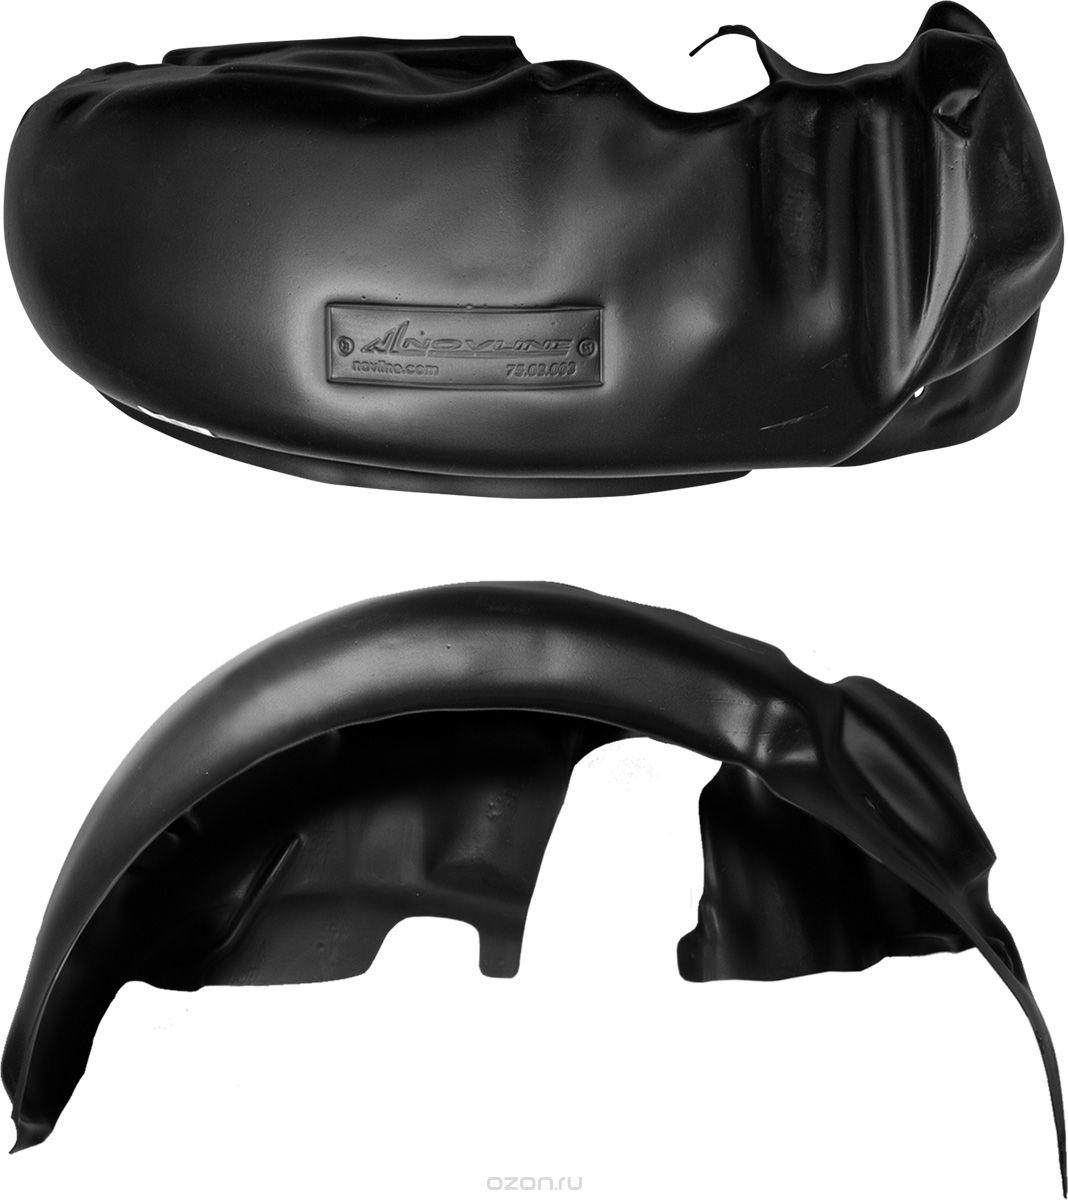 Подкрылок Novline-Autofamily, для RENAULT Duster, 05/2015->, передний правыйDW90Идеальная защита колесной ниши. Локеры разработаны с применением цифровых технологий, гарантируют максимальную повторяемость поверхности арки. Изделия устанавливаются без нарушения лакокрасочного покрытия автомобиля, каждый подкрылок комплектуется крепежом. Уважаемые клиенты, обращаем ваше внимание, что фотографии на подкрылки универсальные и не отражают реальную форму изделия. При этом само изделие идет точно под размер указанного автомобиля.